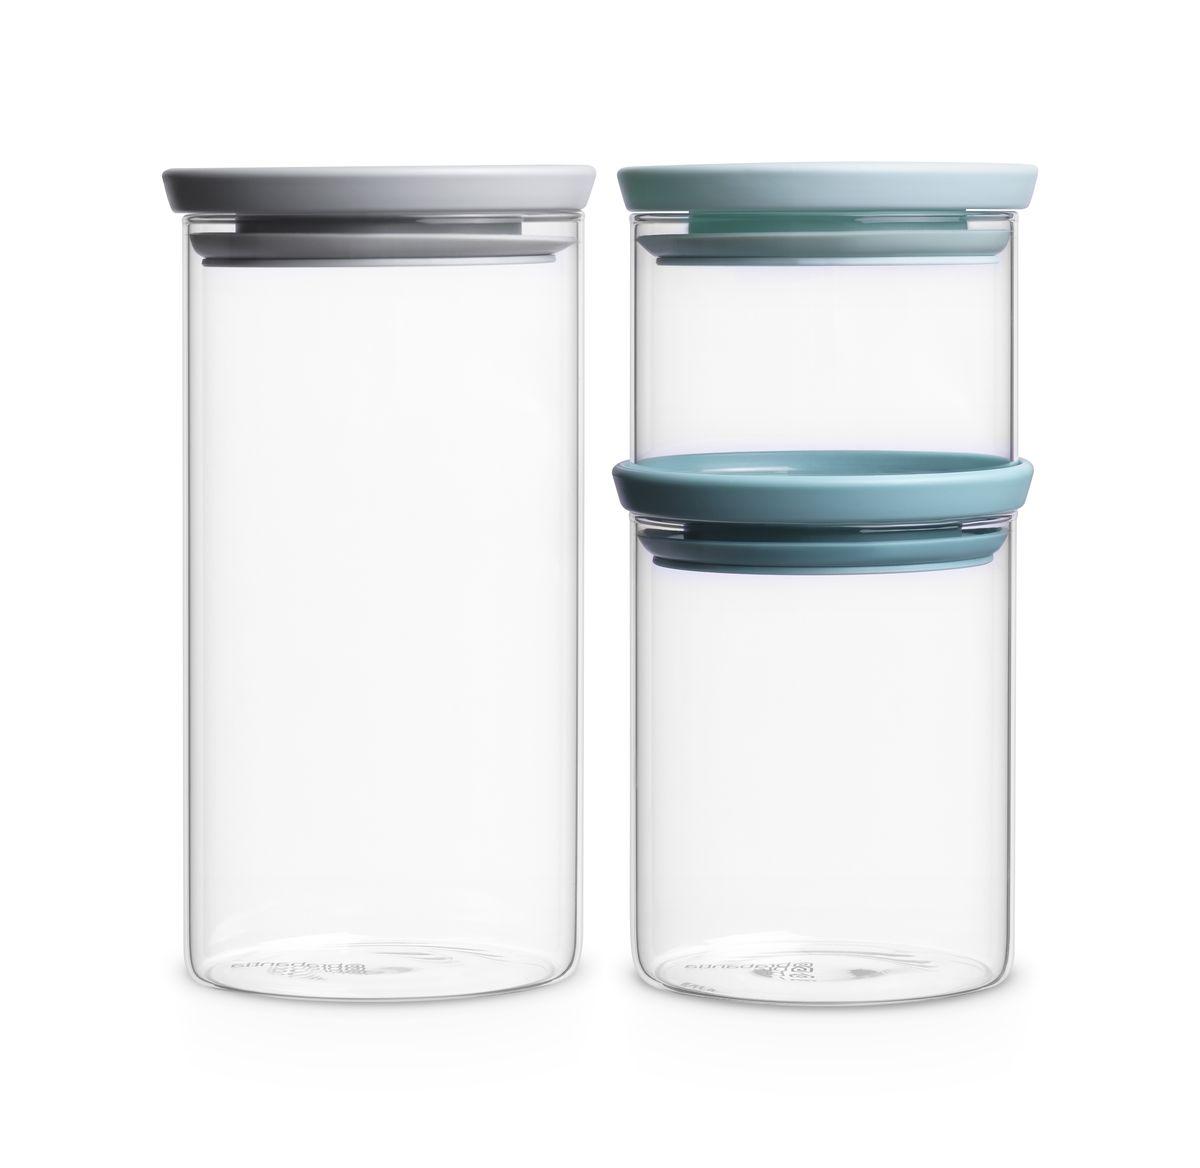 Набор емкостей для сыпучих продуктов Brabantia, 3 шт298325Набор Brabantia, изготовленный из высококачественного стекла, состоит из 3 емкостей для сыпучих продуктов разного объема. Банки прекрасно подойдут для хранения различных сыпучих продуктов: специй, чая, кофе, сахара, круп и многого другого. Емкости надежно закрываются пластиковыми крышками, которые снабжены силиконовыми уплотнителями для лучшей фиксации. Благодаря этому они будут дольше сохранять свежесть ваших продуктов. Функциональные и вместительные, такие емкости станут незаменимыми аксессуарами на любой кухне. Можно мыть в посудомоечной машине. Литраж банок: 0,3 л, 0,6 л, 1,1 л.